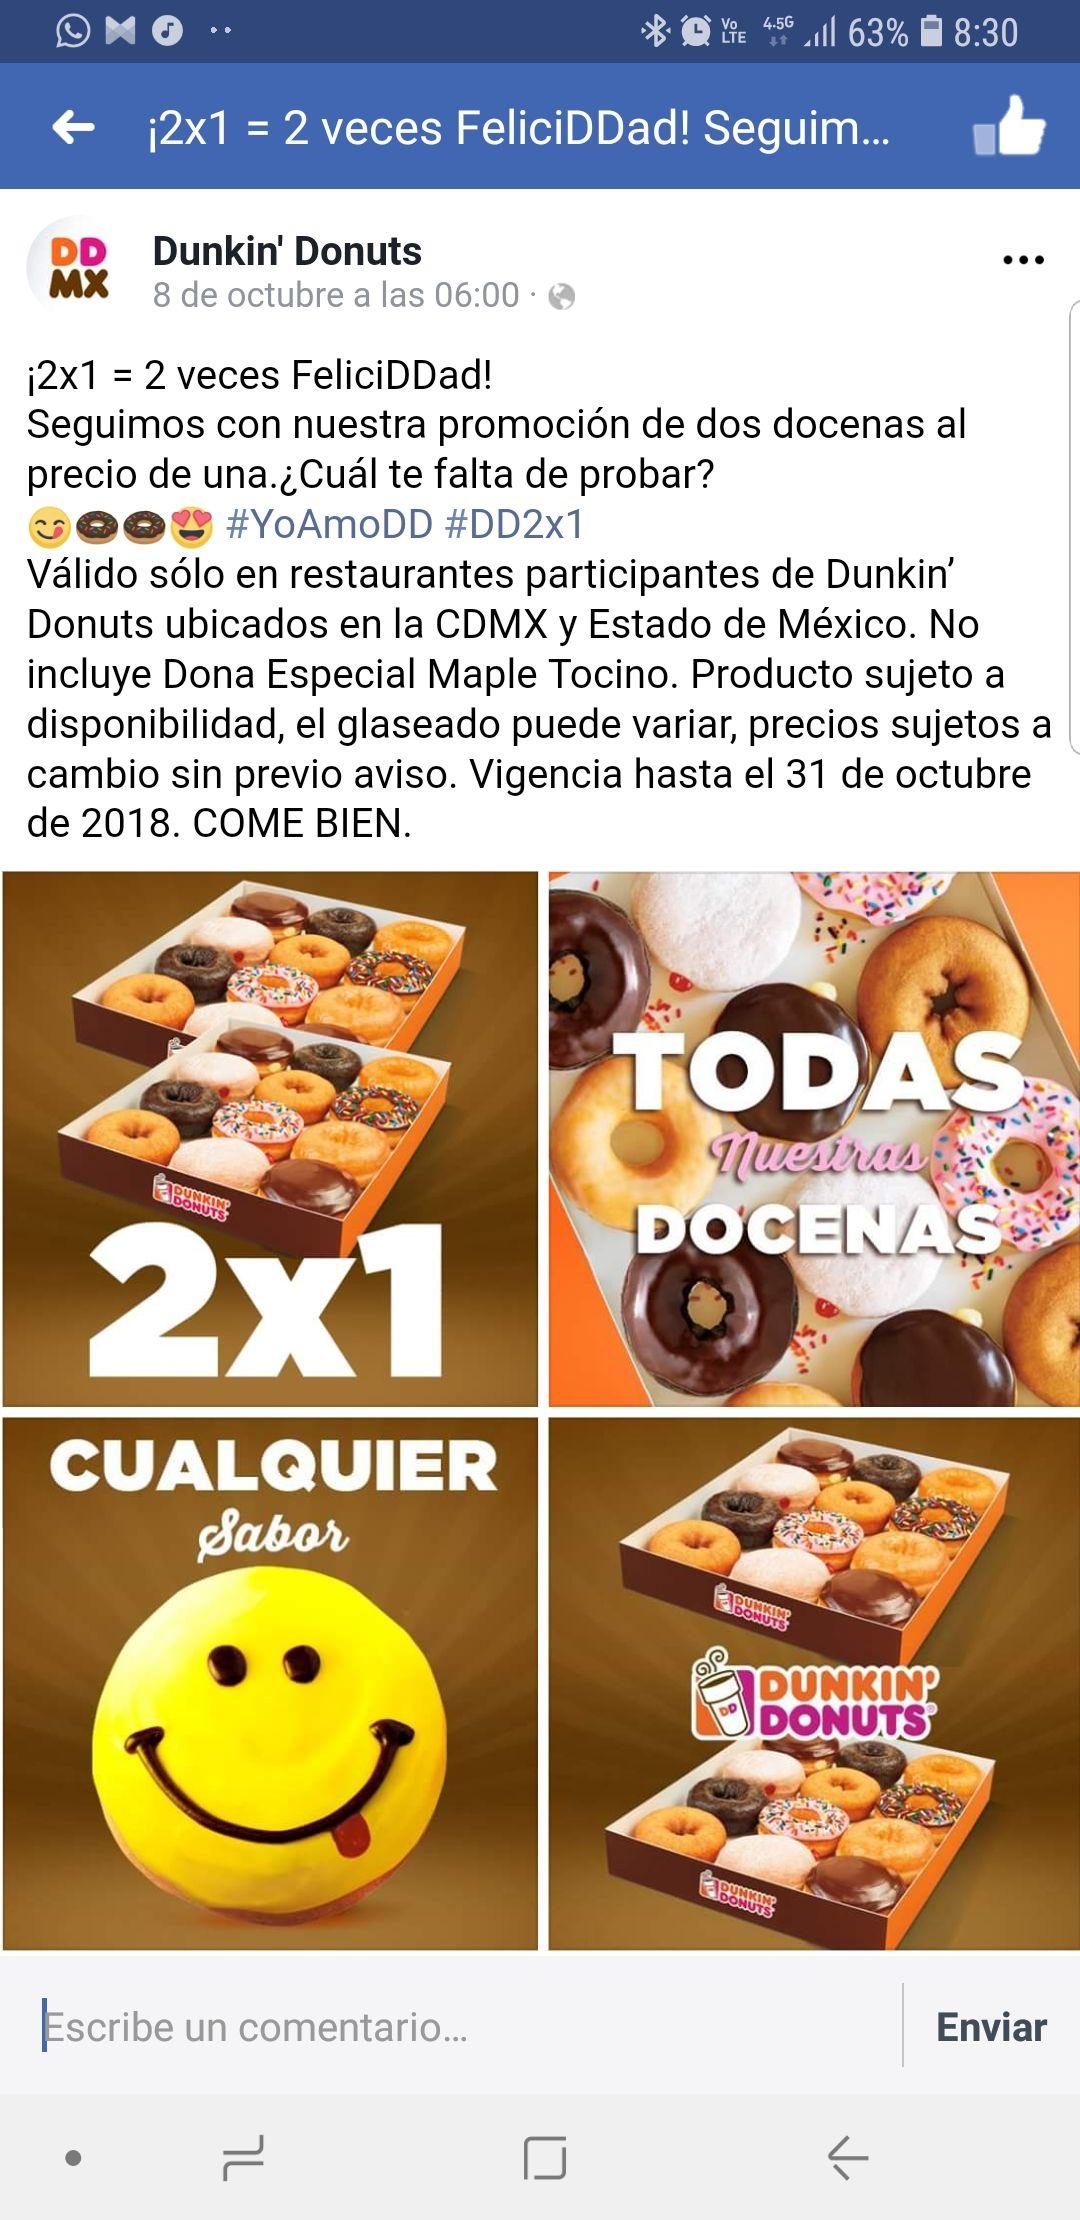 Dunkin Donuts: docenas al 2x1 en sucursales participantes CDMX